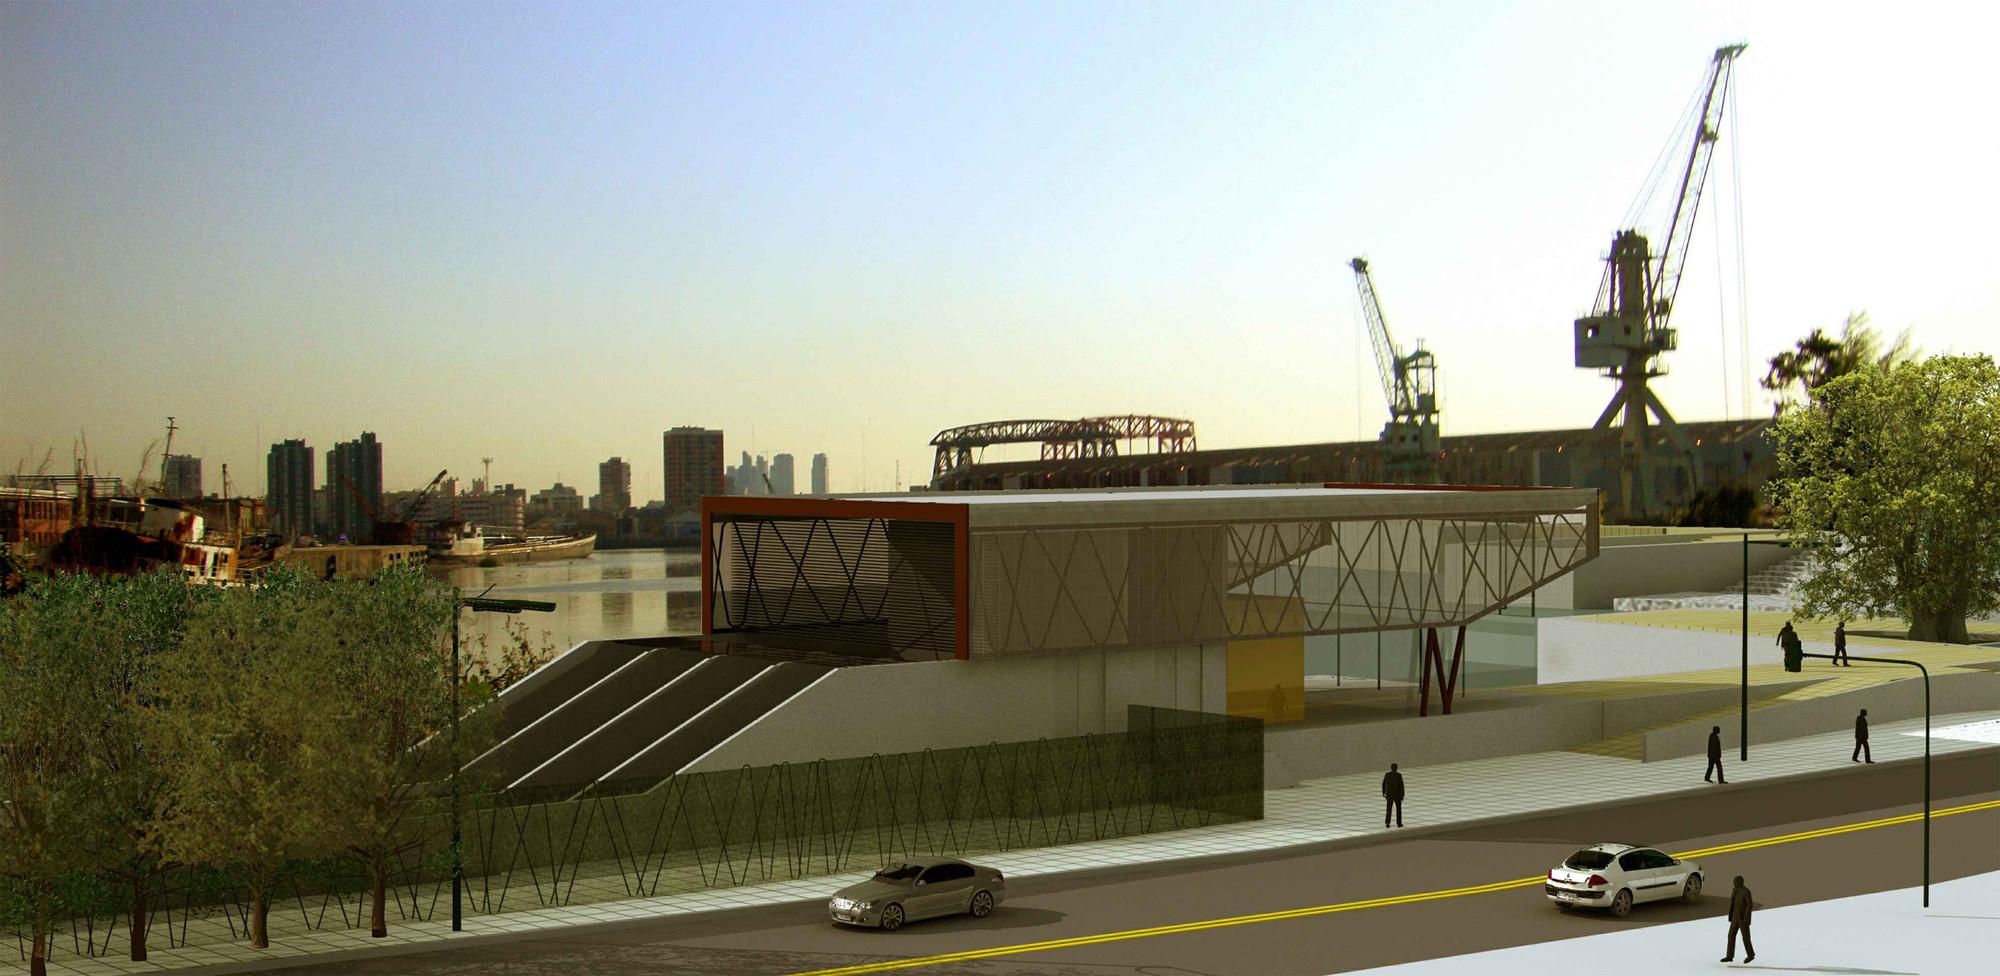 Galer a de primer premio de arquitectura y dise o urbano - Arquitectura de diseno ...